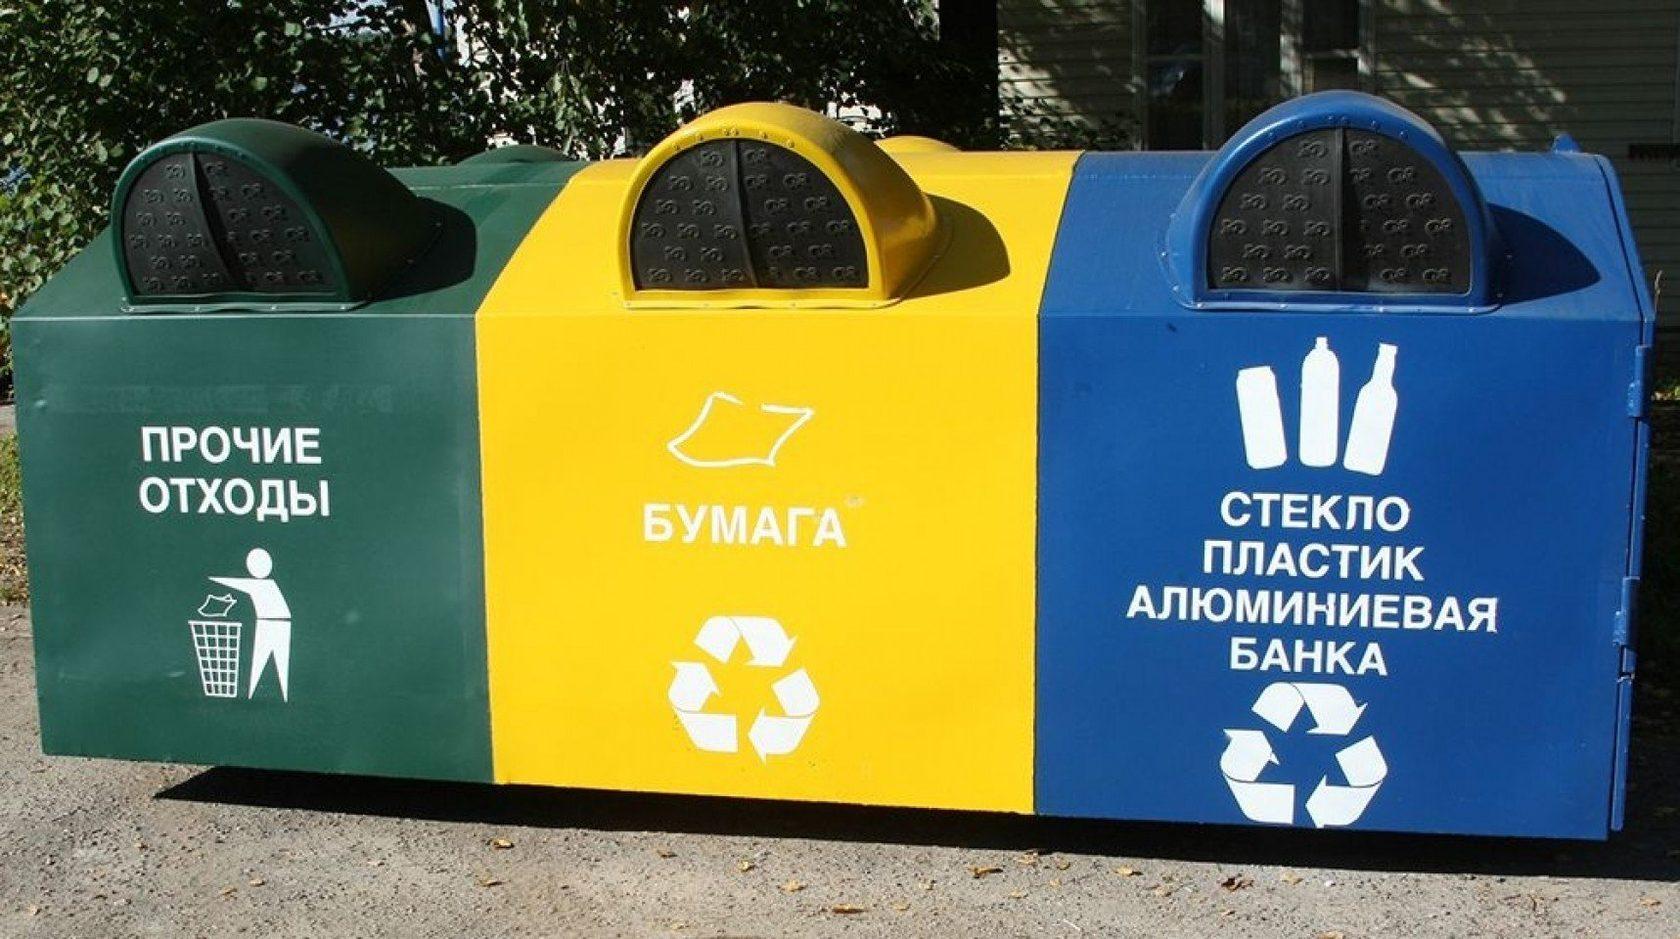 Ленобласть принимает заявки на установку контейнеров для раздельного сбора мусора